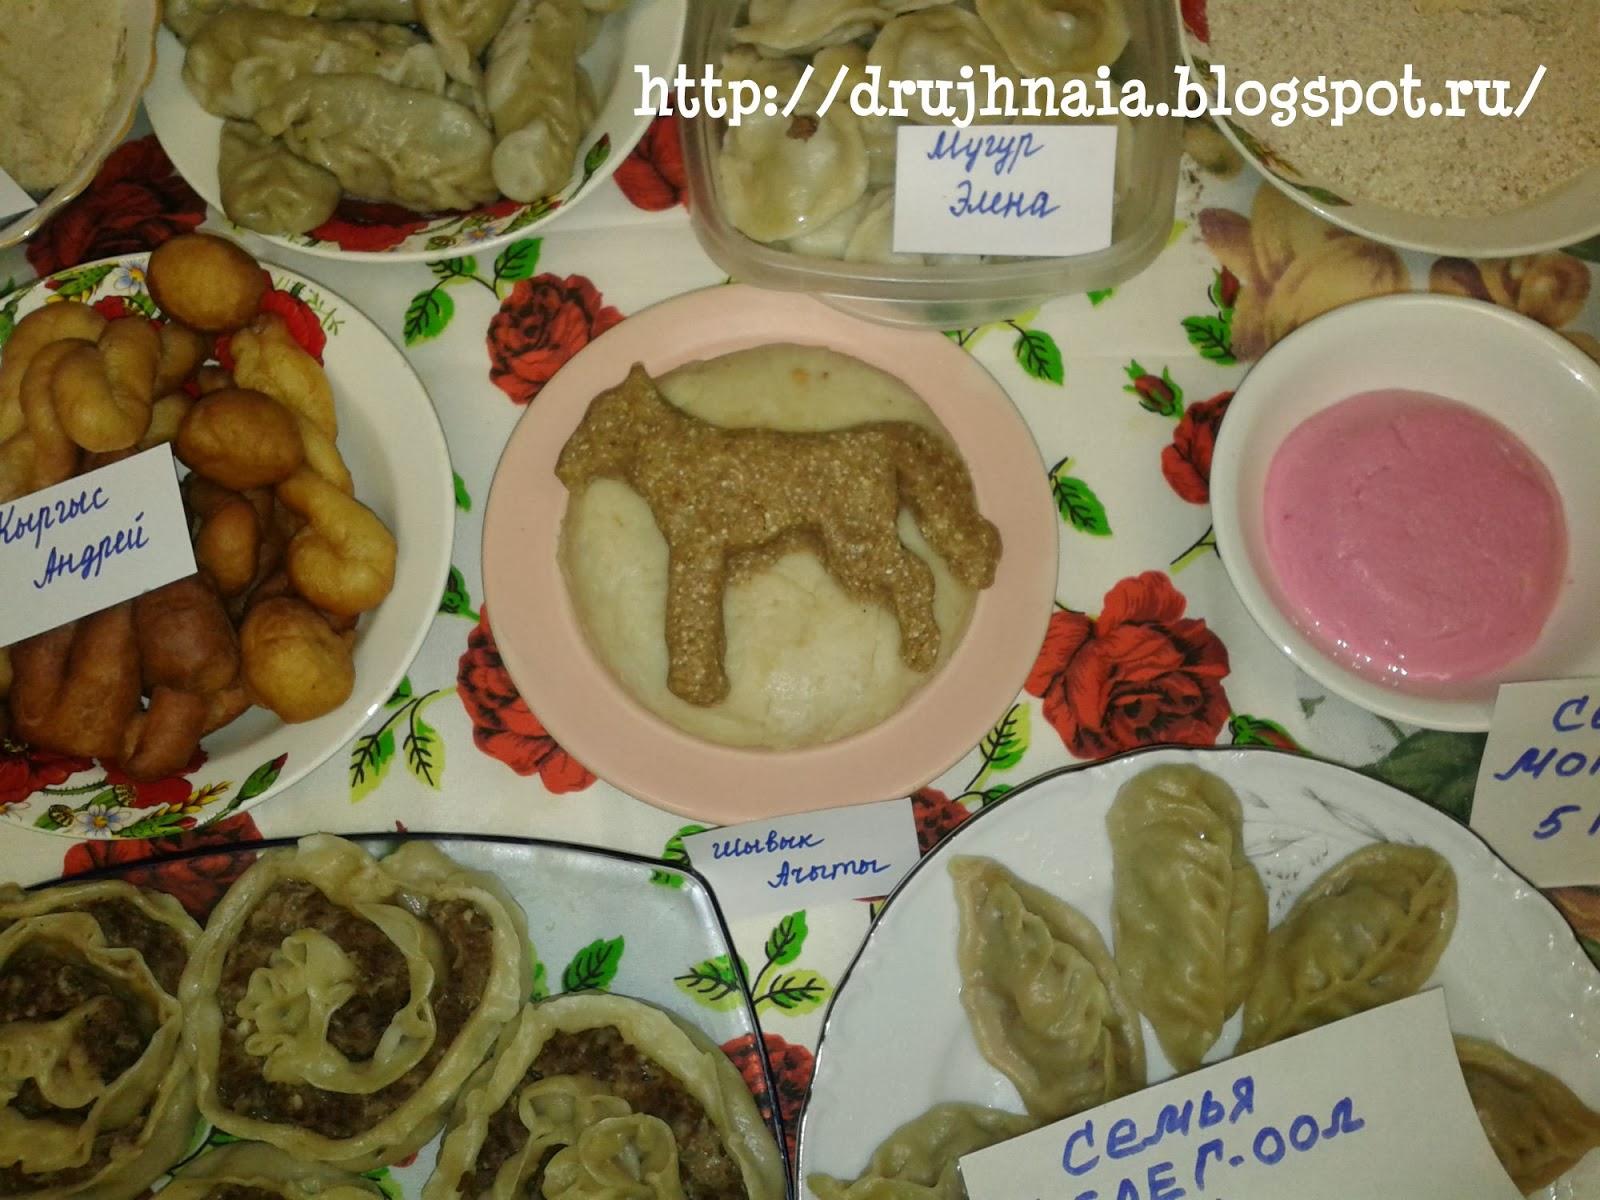 Национальные блюда татарстана рецепты